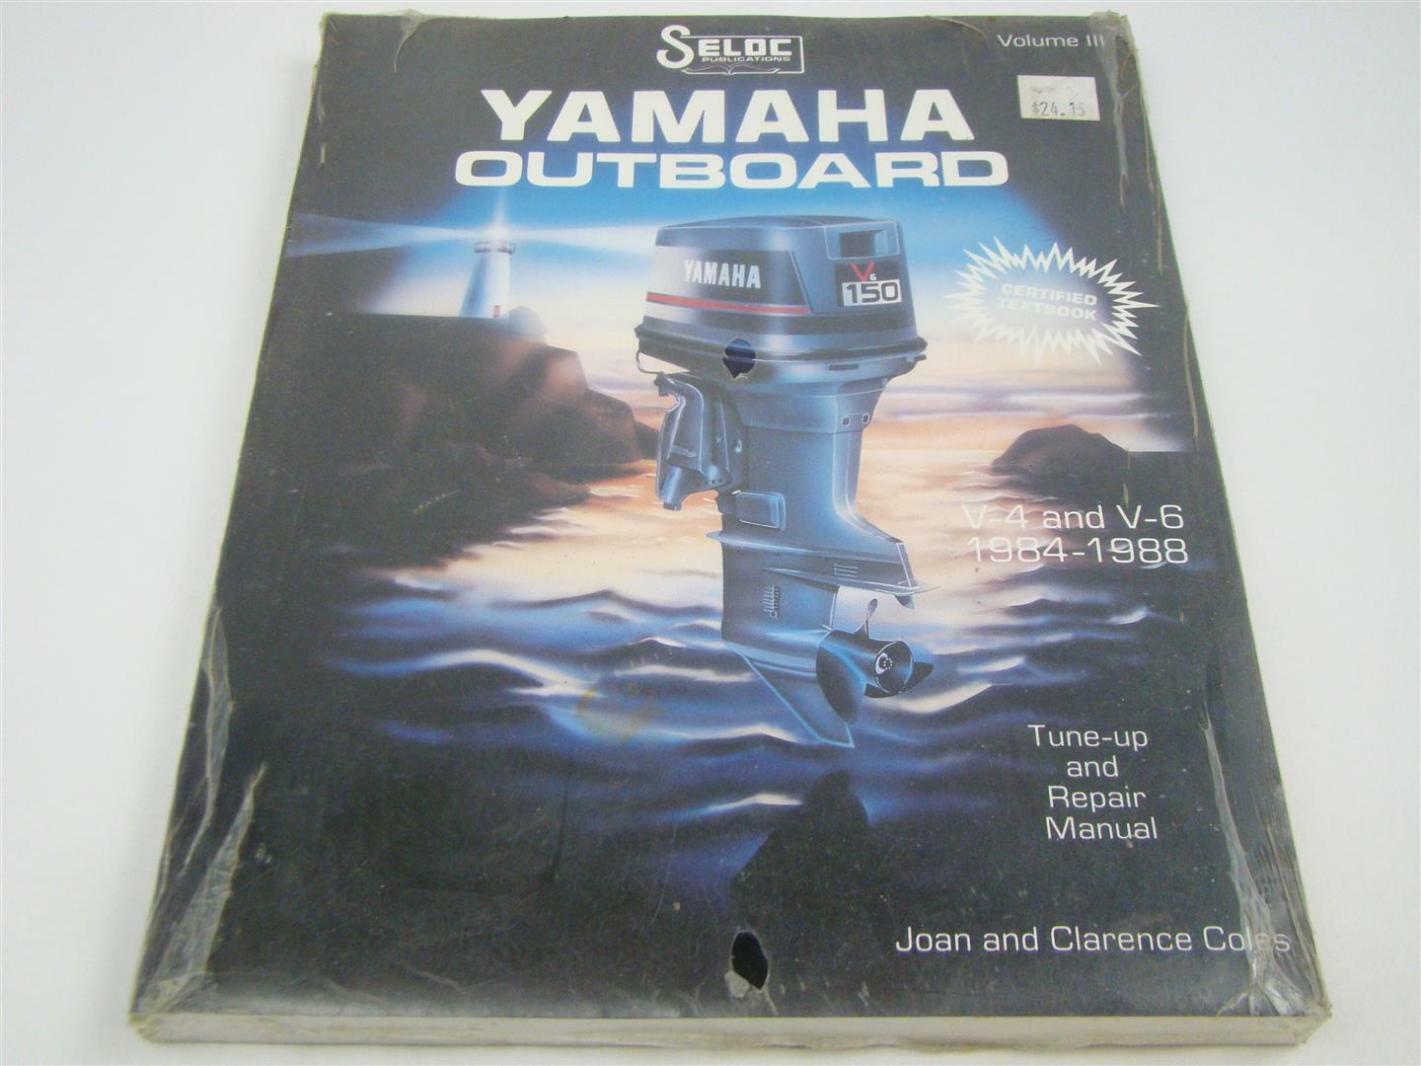 Seloc Yamaha Outboard V-4 and V-6 Repair Manual ,1984 - 1988, 0-89330-023-3